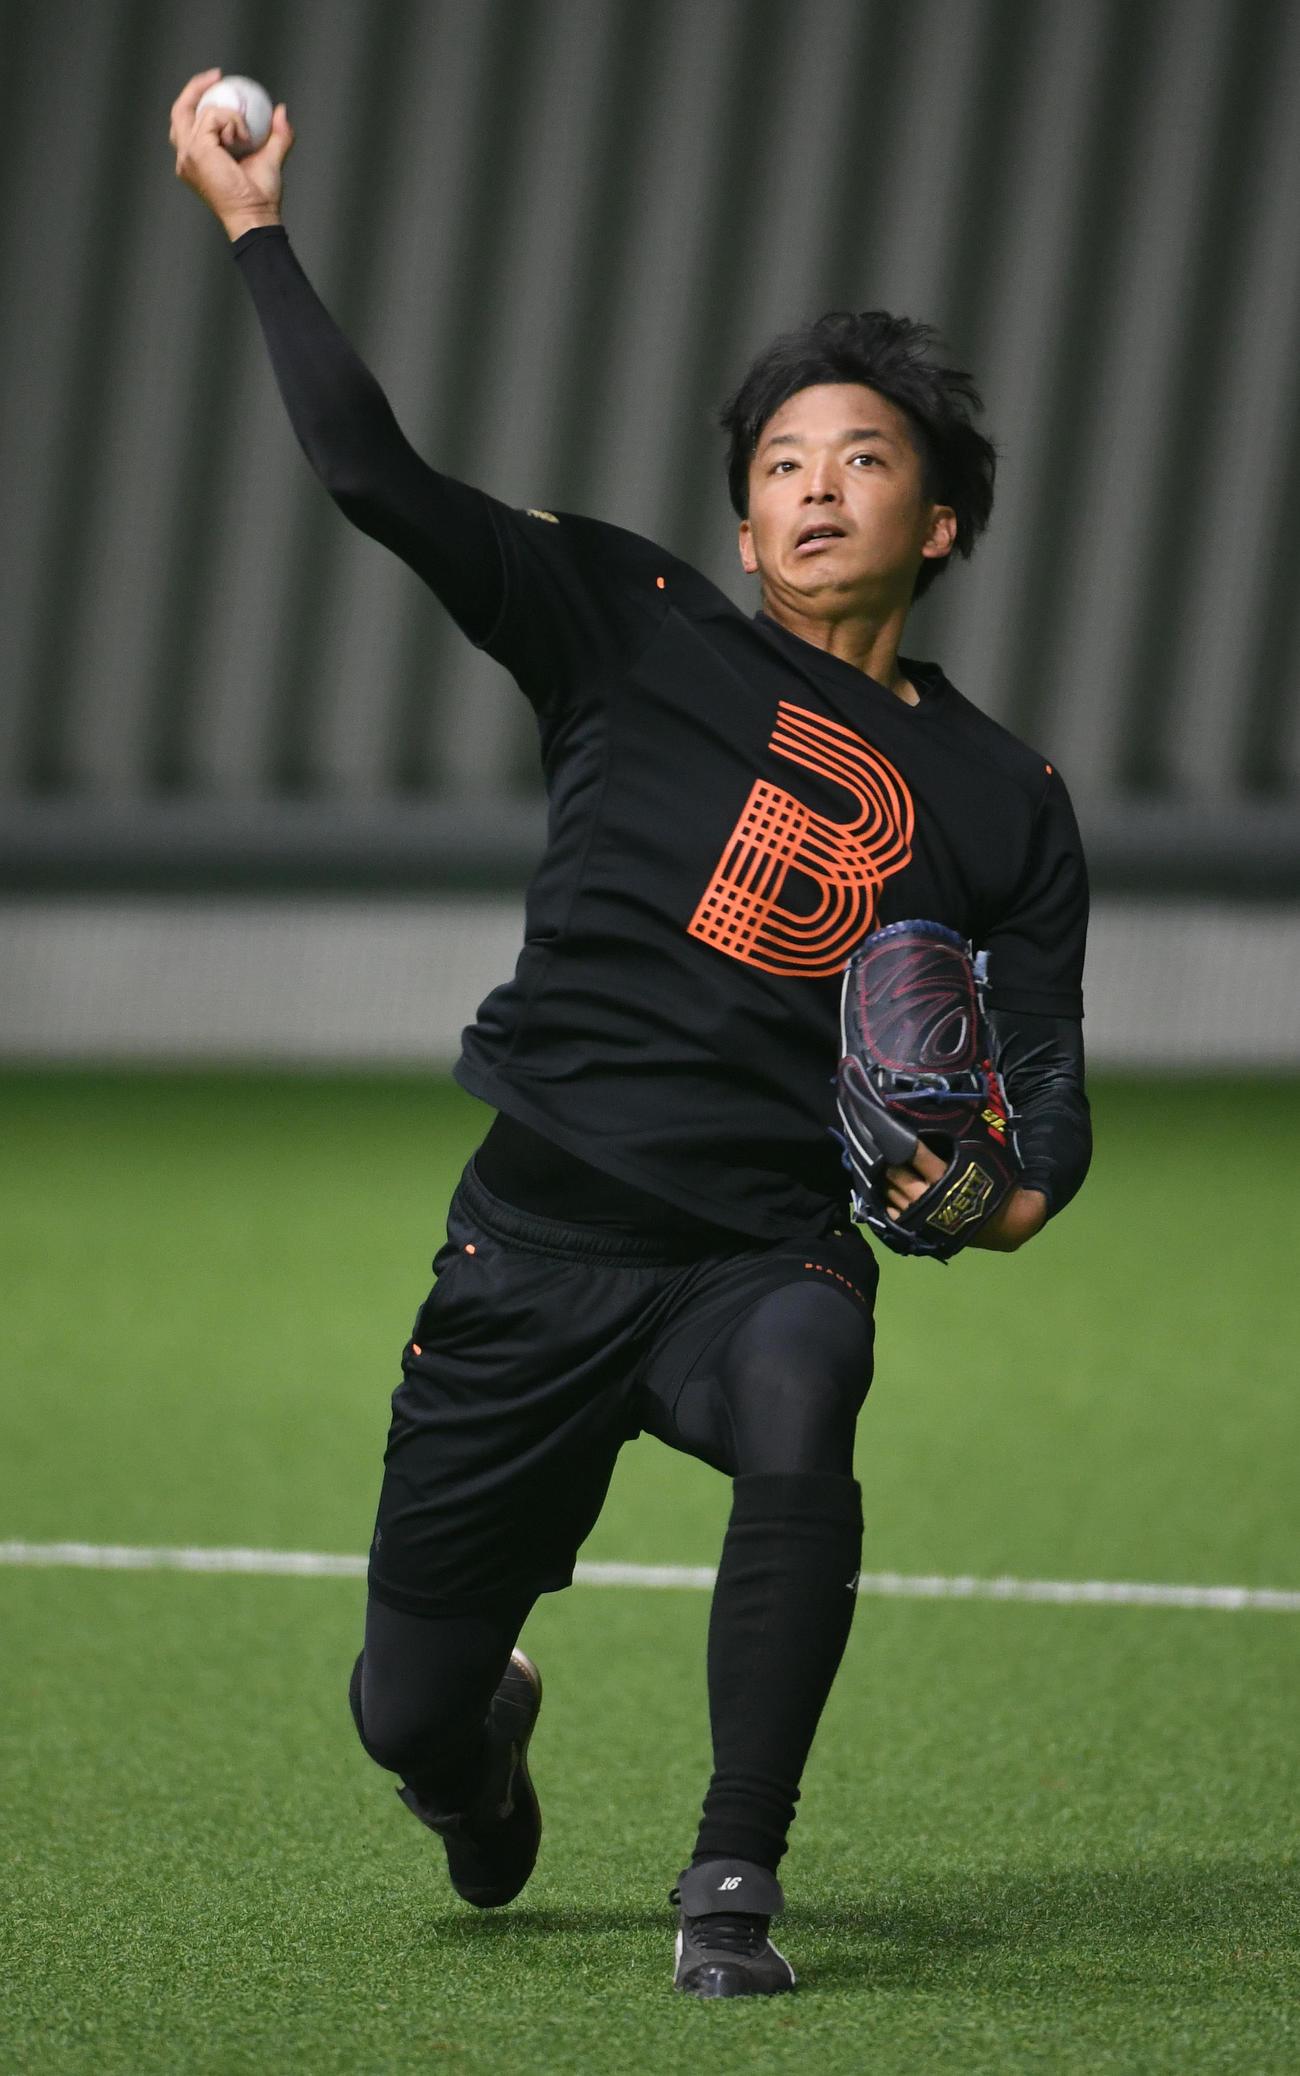 投球練習でナックルカーブを投げる東浜(撮影・今浪浩三)